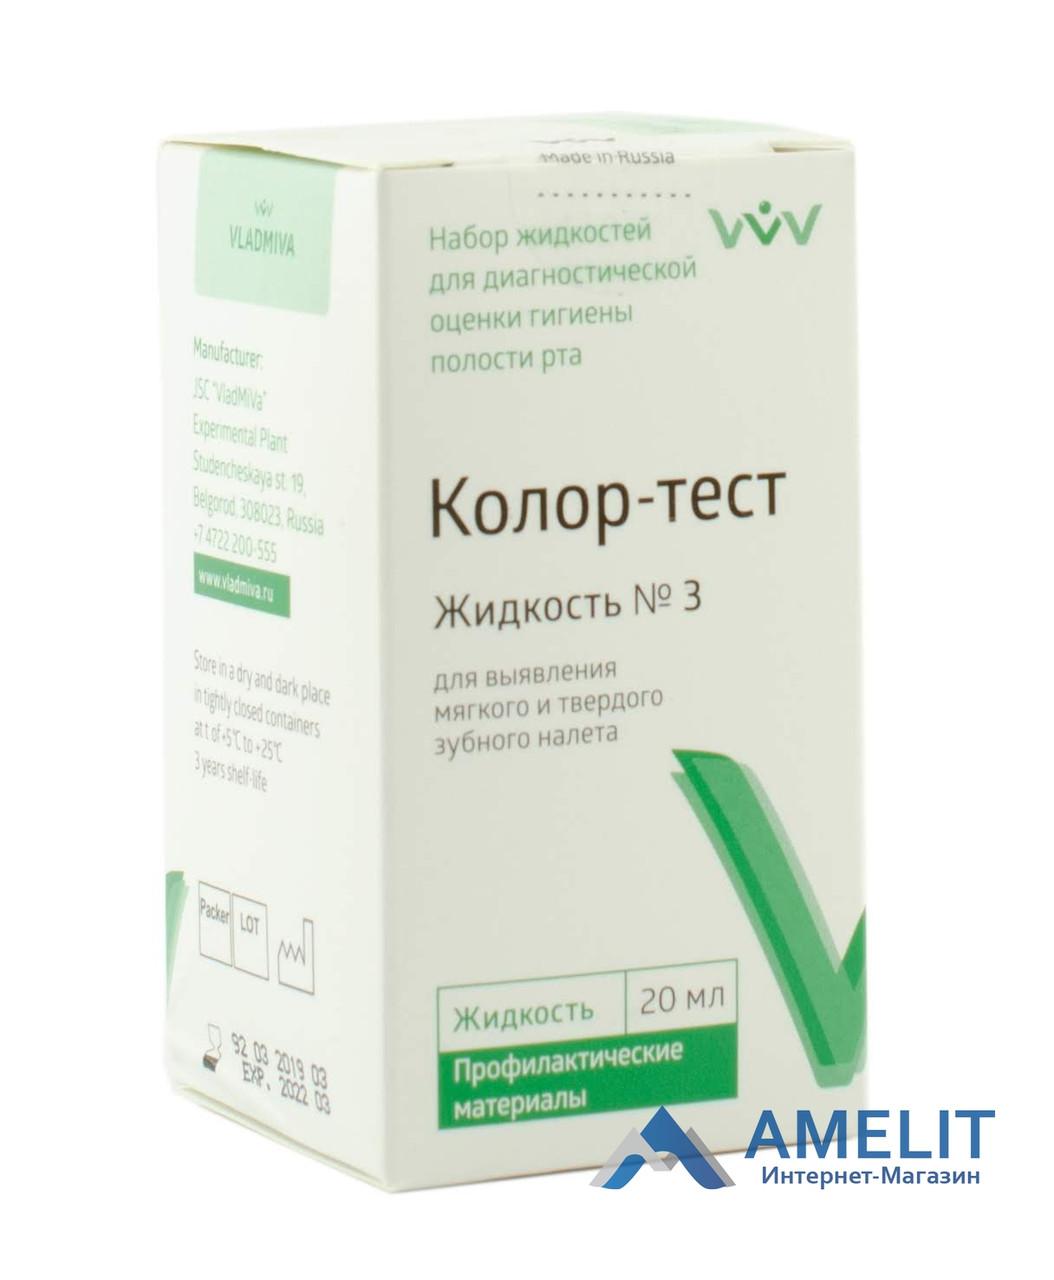 Колор-тест №3 (Владмива), жидкость 20мл